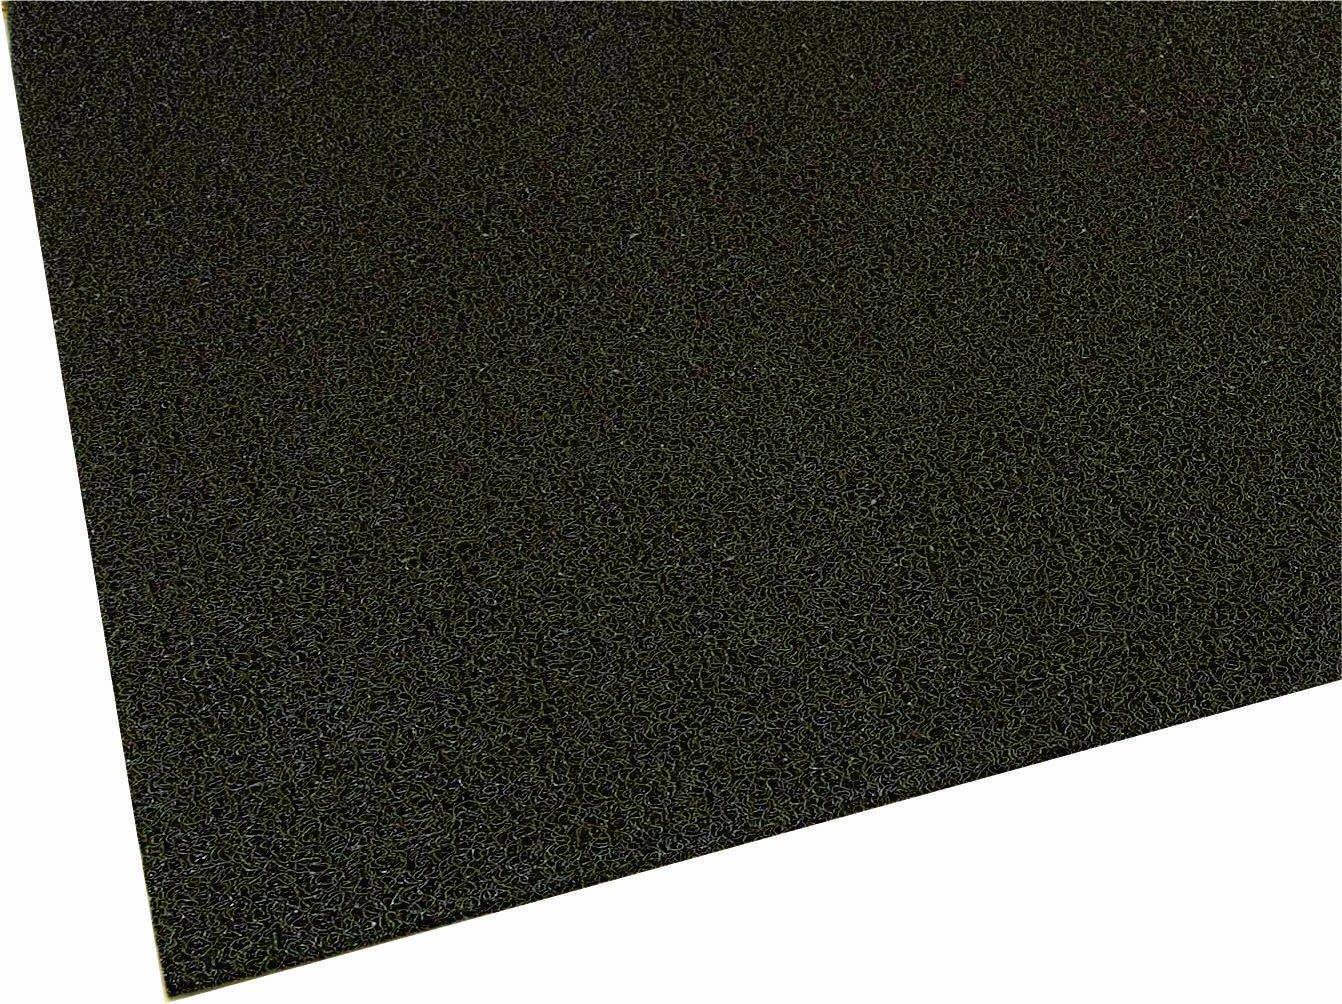 M A Matting 437 Brown Vinyl Loop Frontier Scraper Mat, 3 Length x 2 Width, for Indoor Outdoor